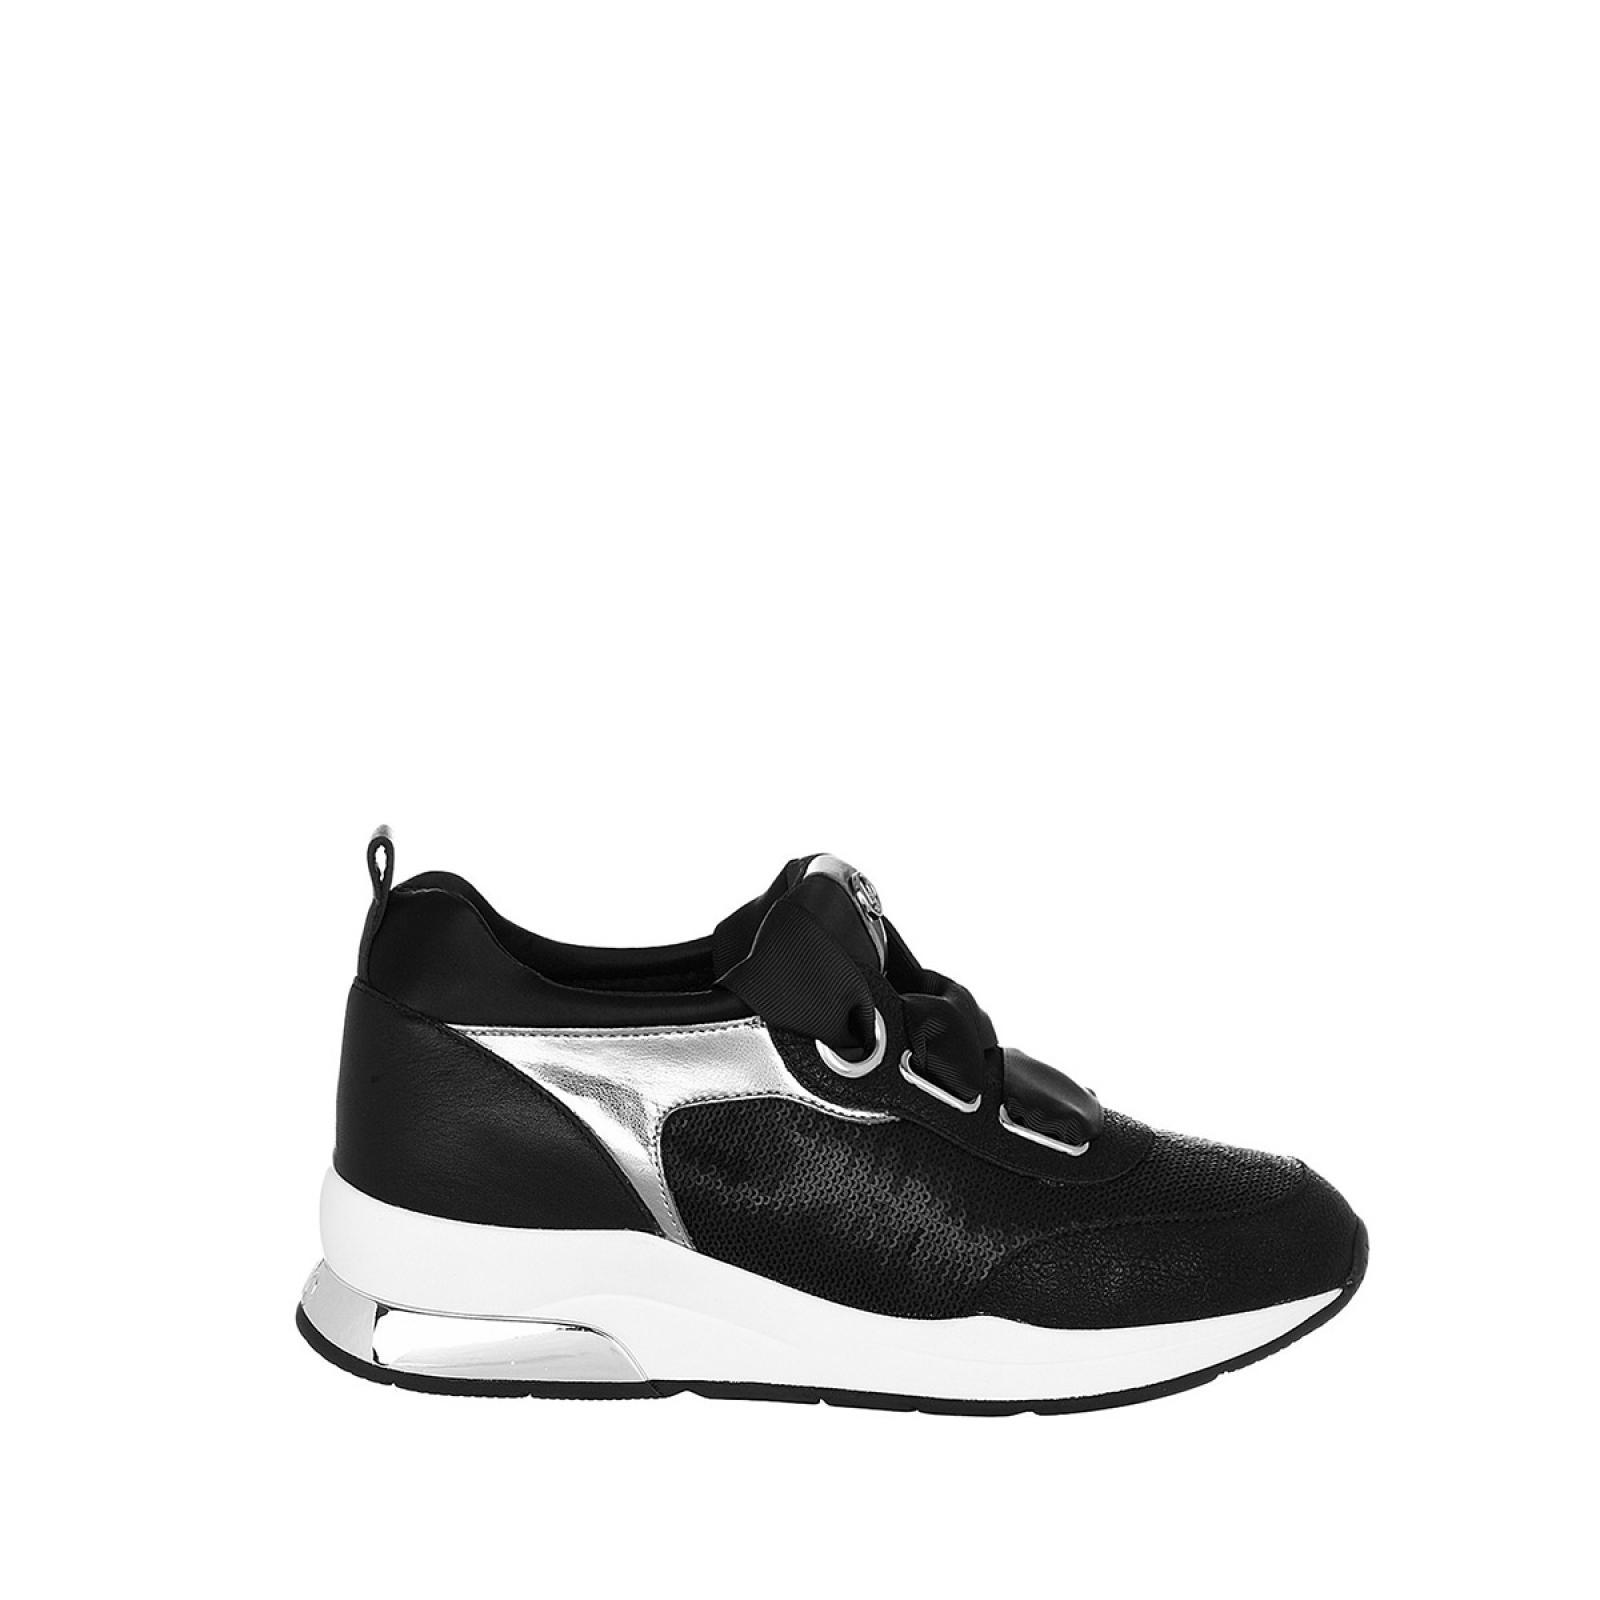 Sneakers Karlie in pelle - BLACK